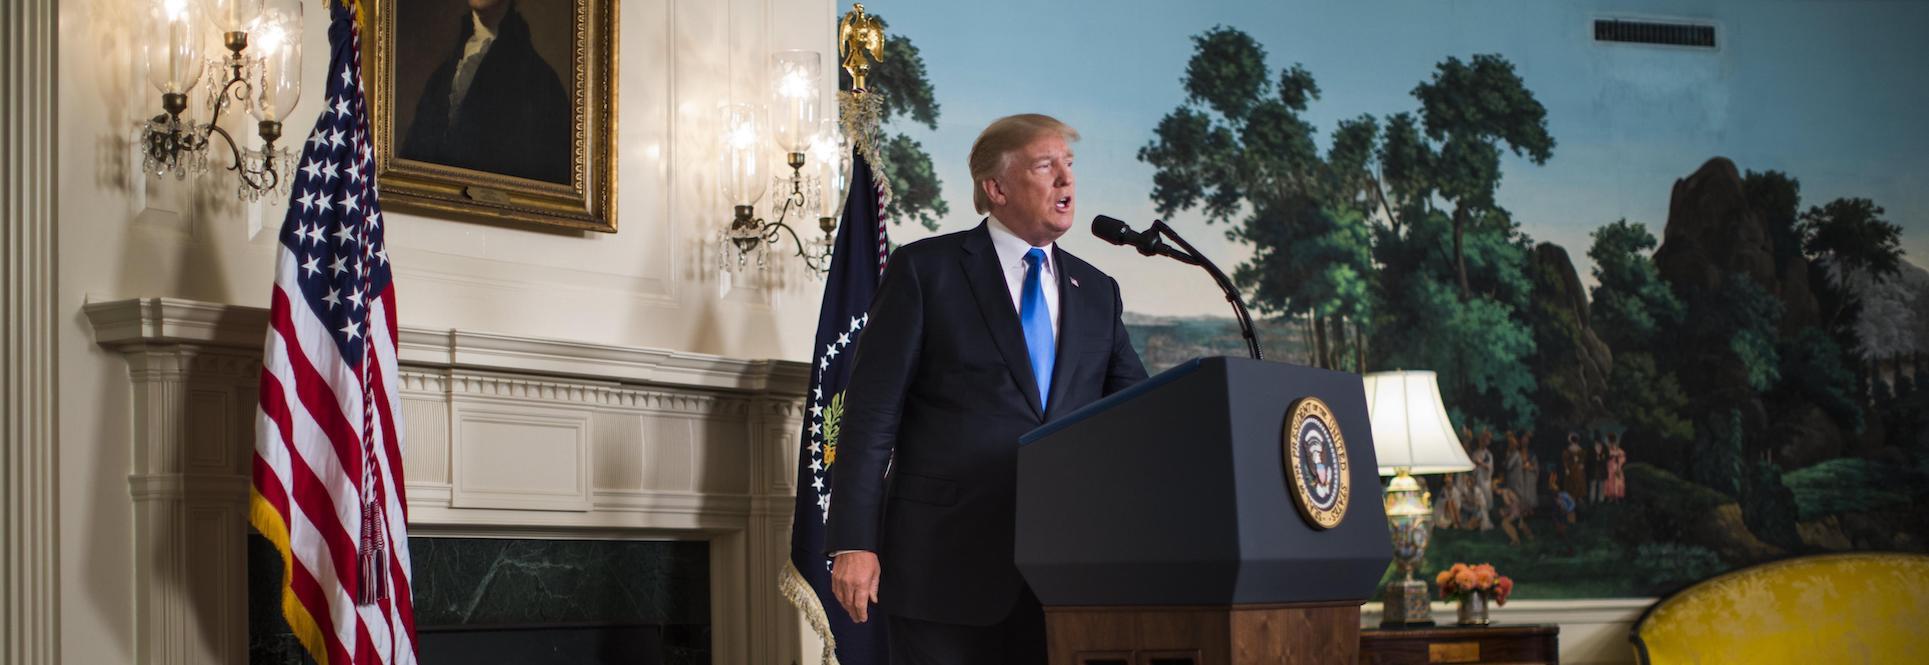 Trump will not certify Iran